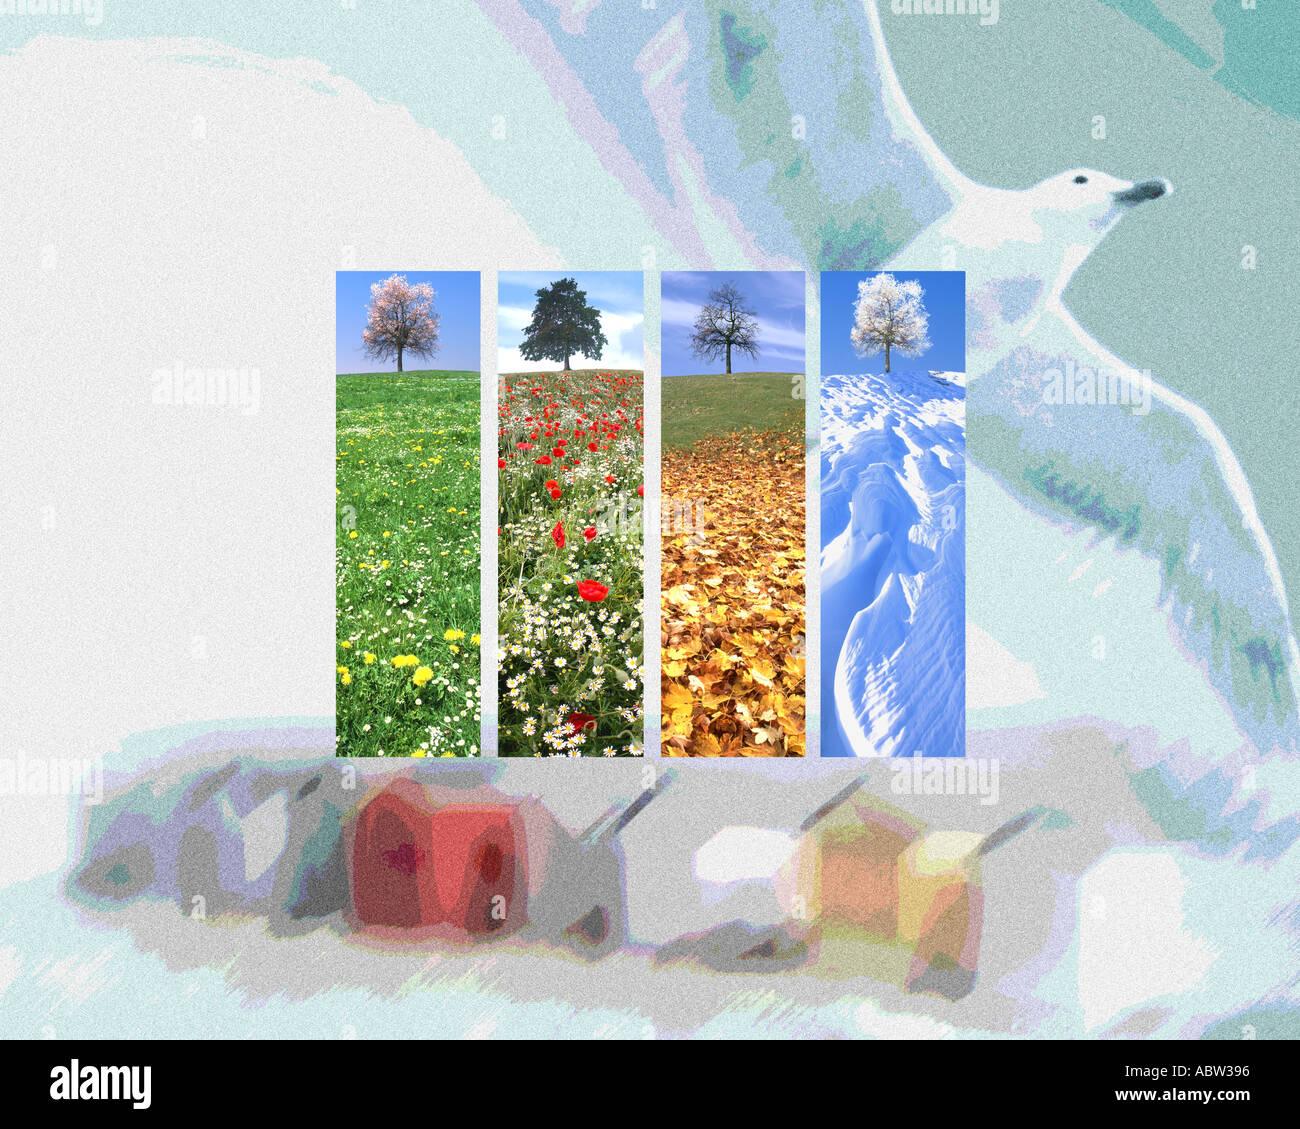 L'art numérique: Les Quatre Saisons Photo Stock